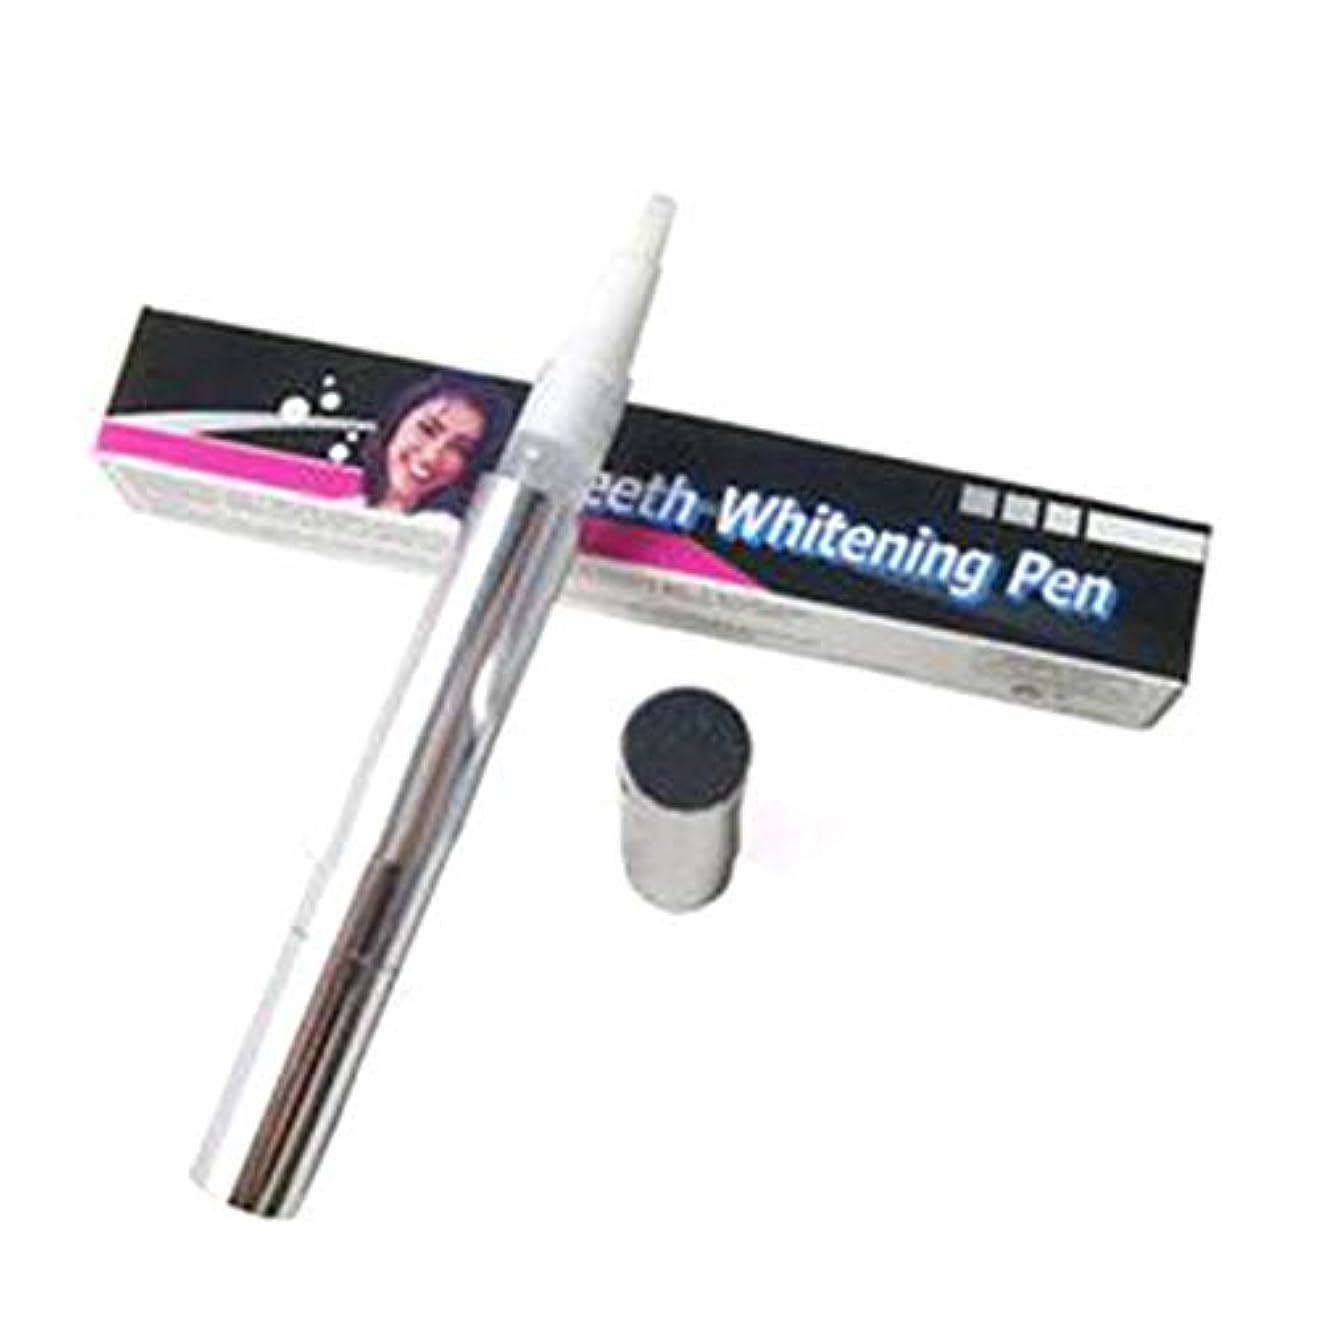 詐欺師提供する慣性ペンホワイトニングペン強力な汚れ消しゴム除去速い漂白歯ジェルホワイトナー歯科口腔衛生用品 - シルバー